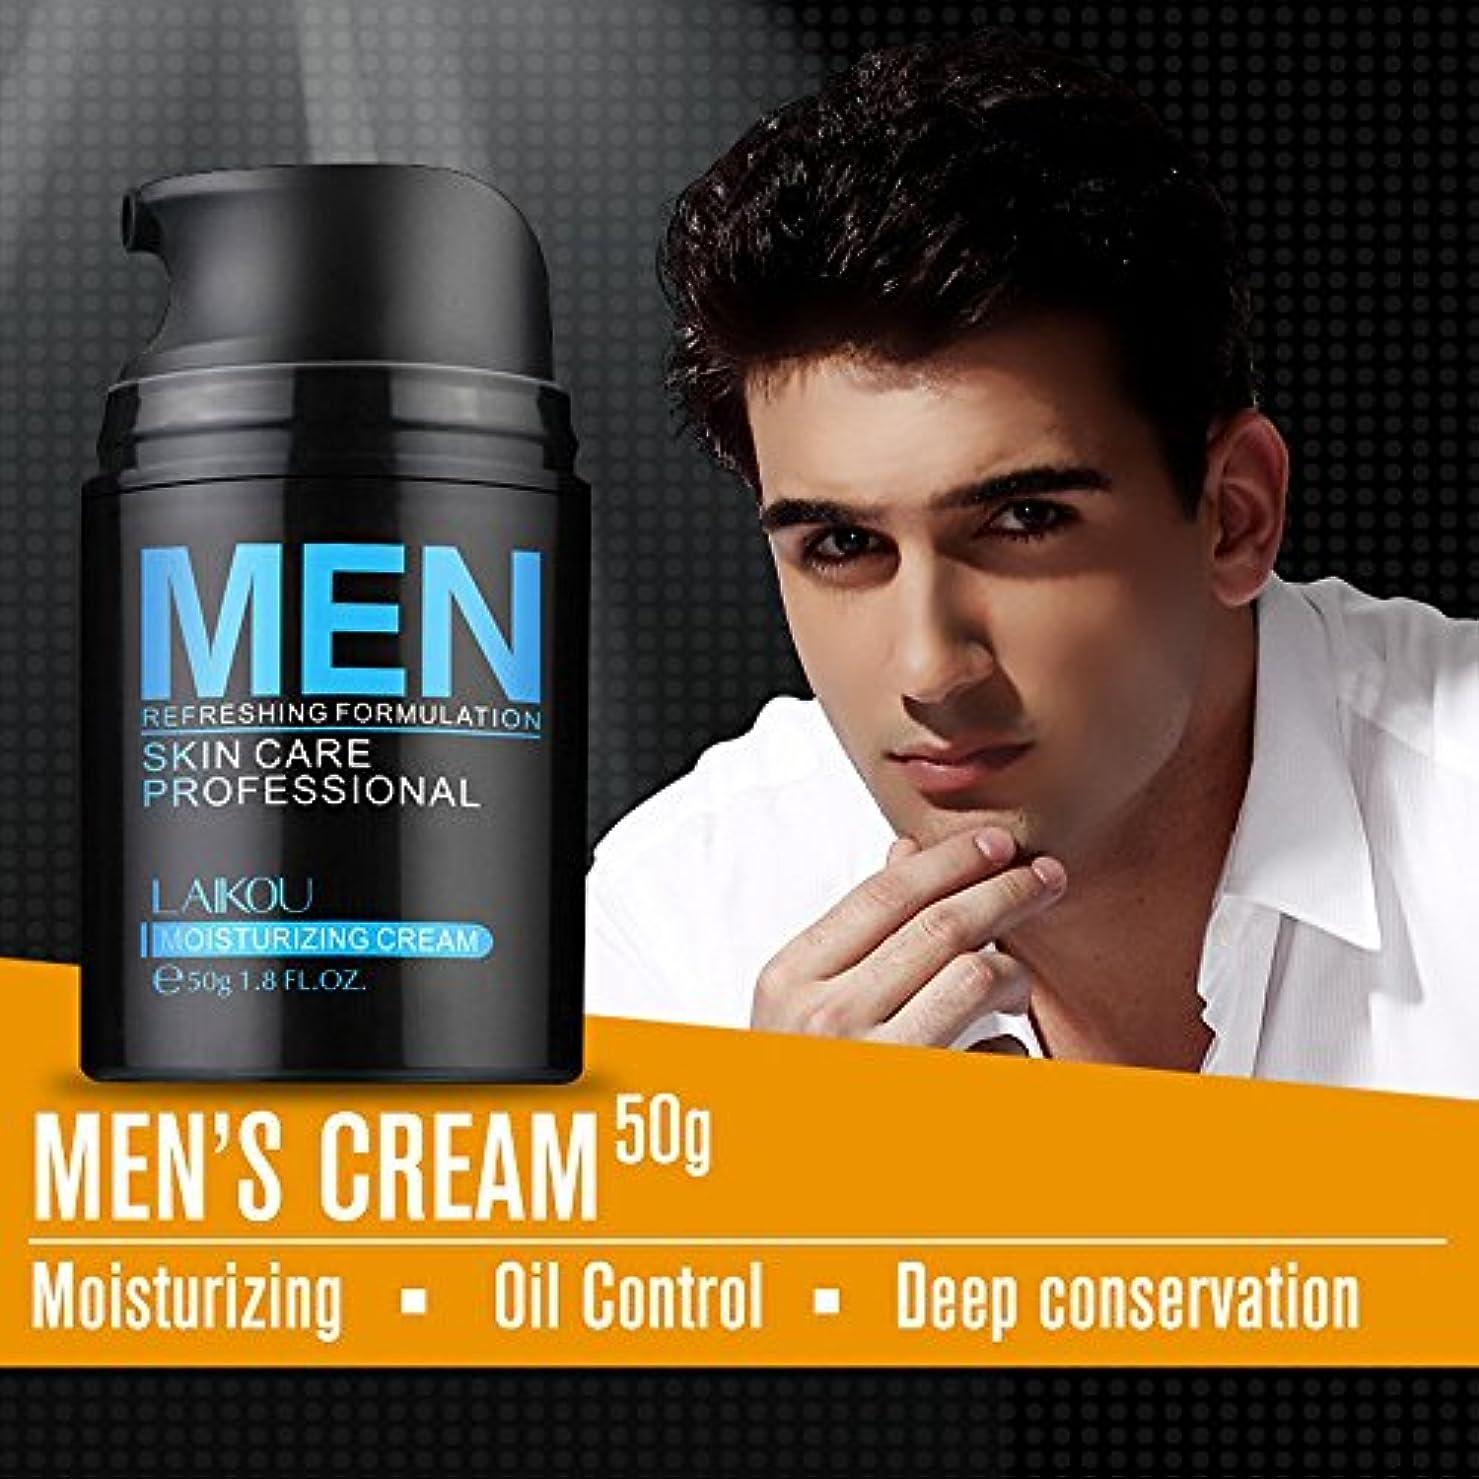 マンハッタンまで鳩Akane LAIKOU 男子 押す 顔洗い 素敵 水分補給 オイルコントロール 保湿 すがすがしい 角質除去 クレンジング 浄化 使いやすい 洗顔料 アロエクリーム